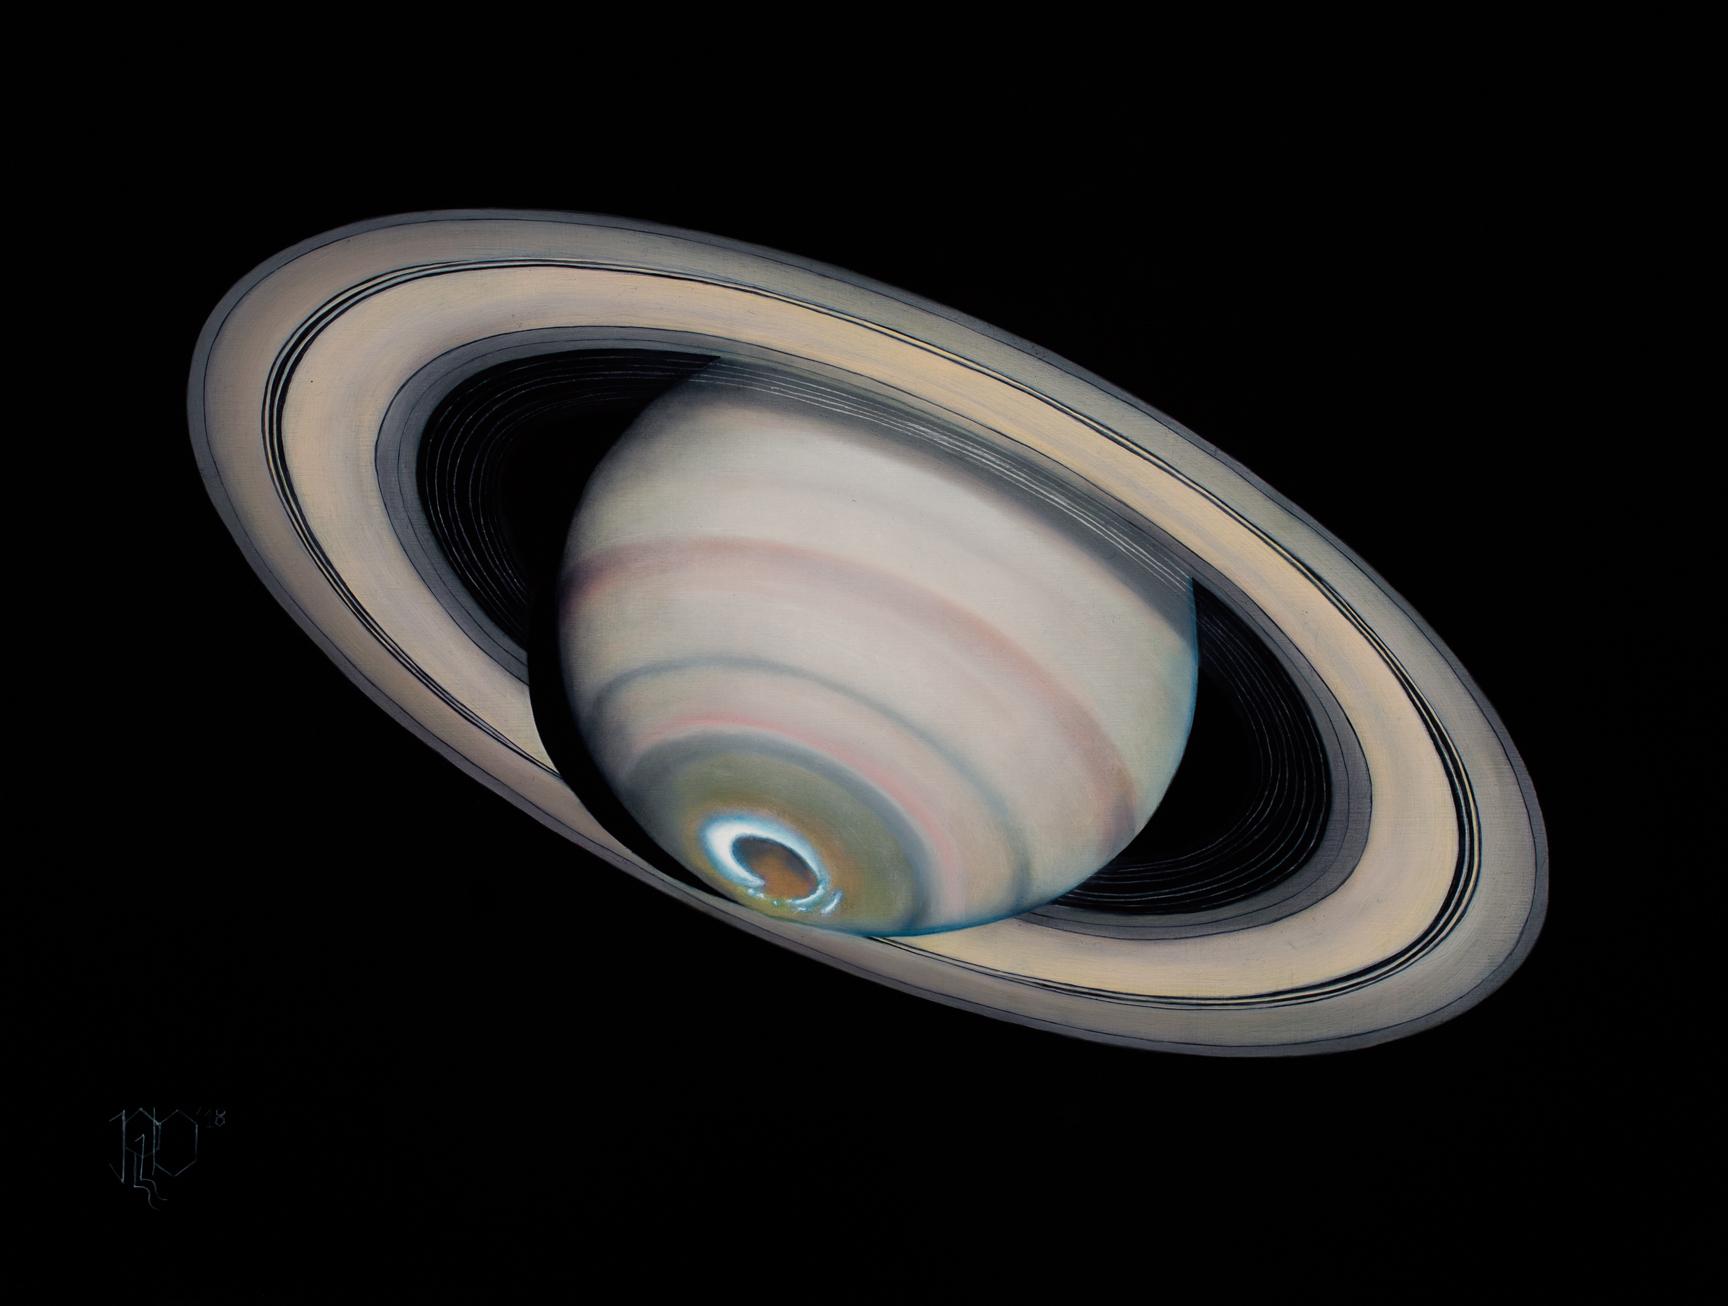 Cassini #1